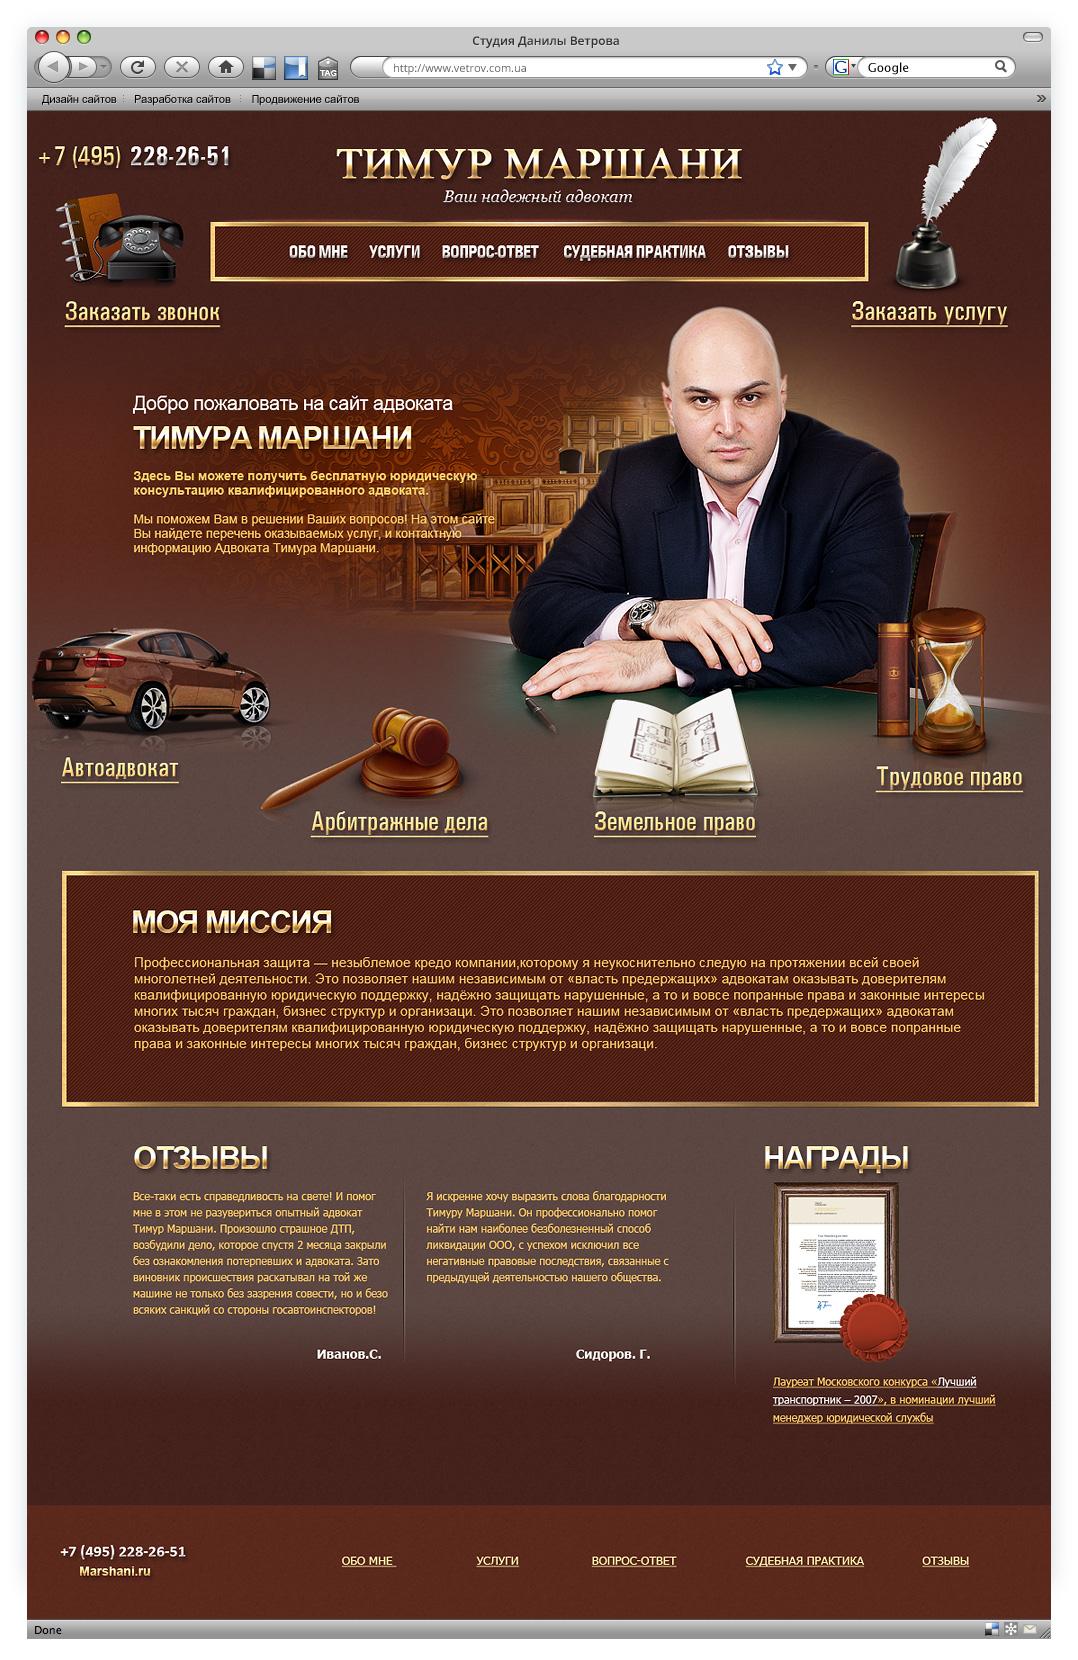 Дизайн сайта адвоката